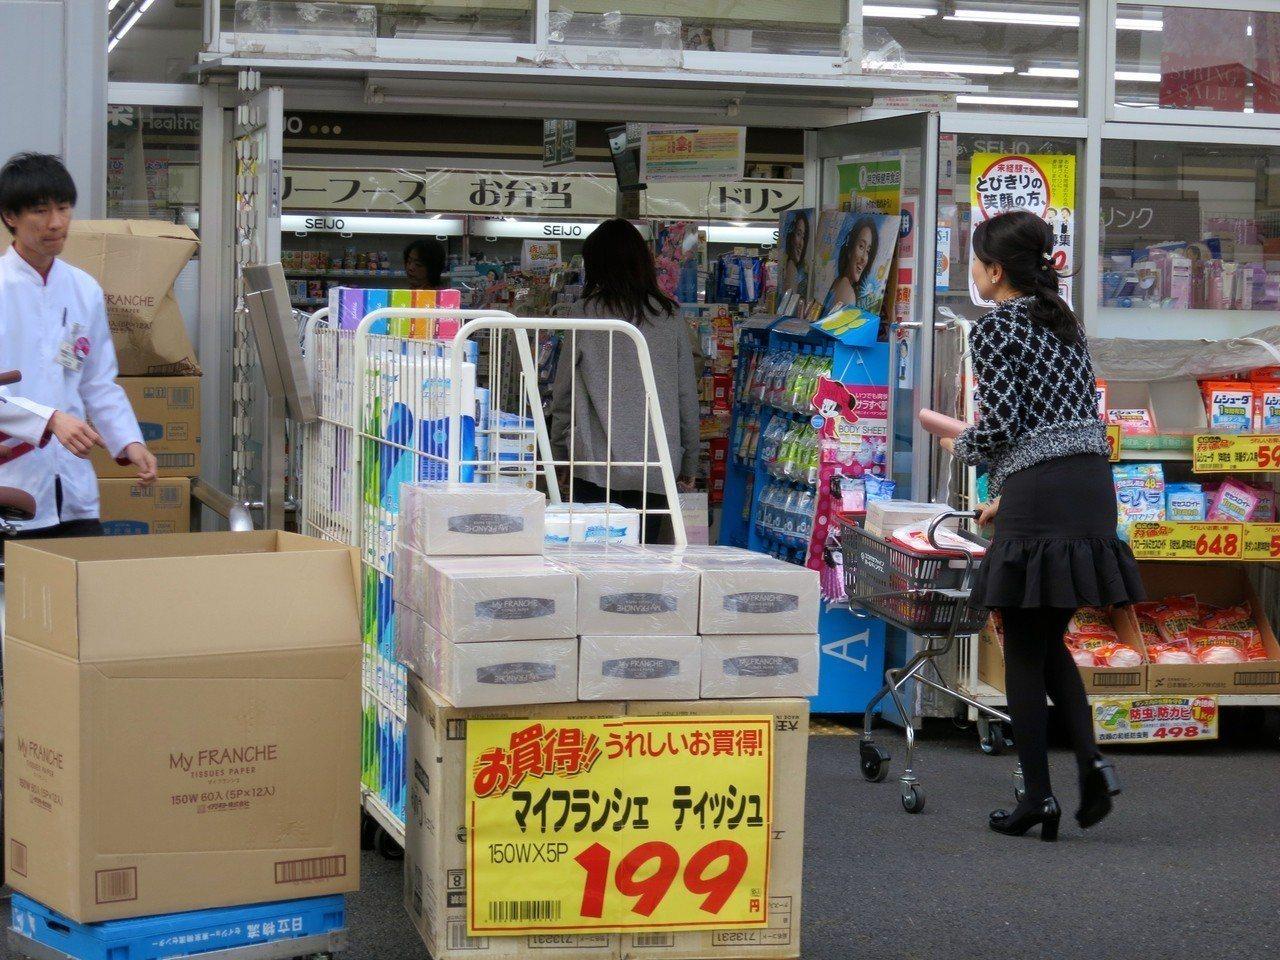 很多民眾到日本玩都會上藥妝店掃貨,但在藥妝店採購的保健食品、藥品、甚至用品,上網...